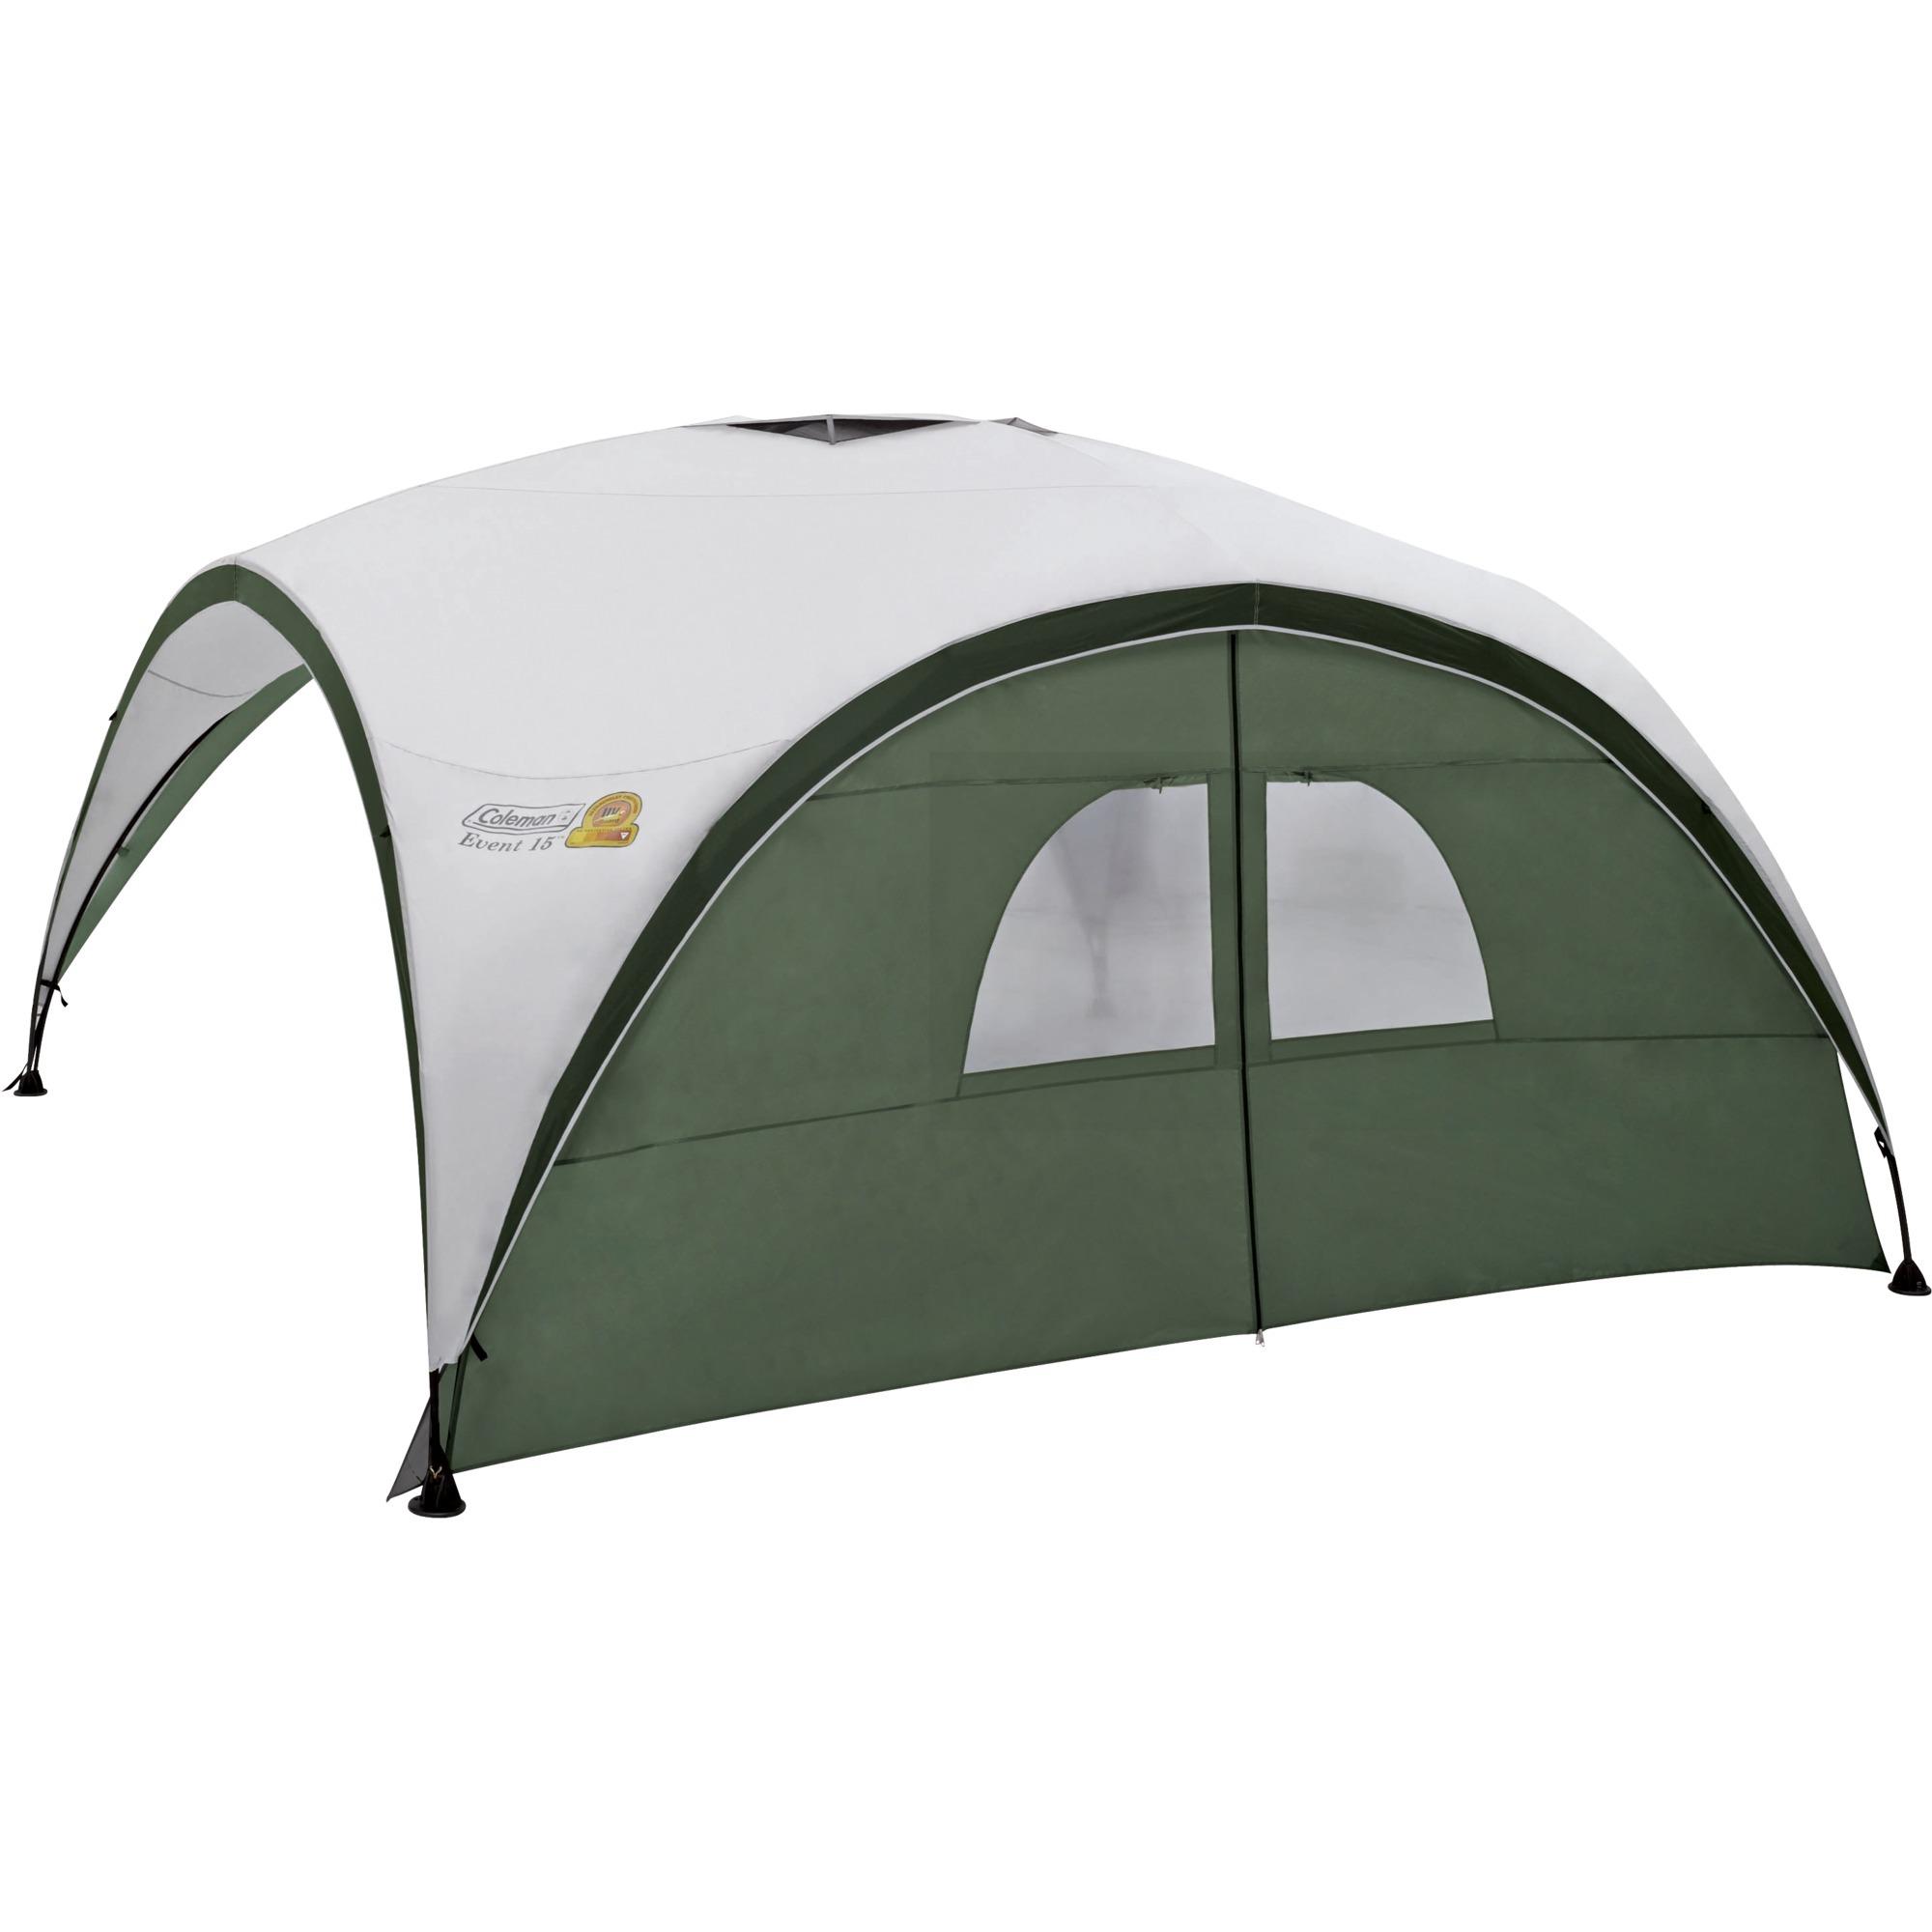 2000009775 toldo y carpa para camping Verde, Blanco, Lateral